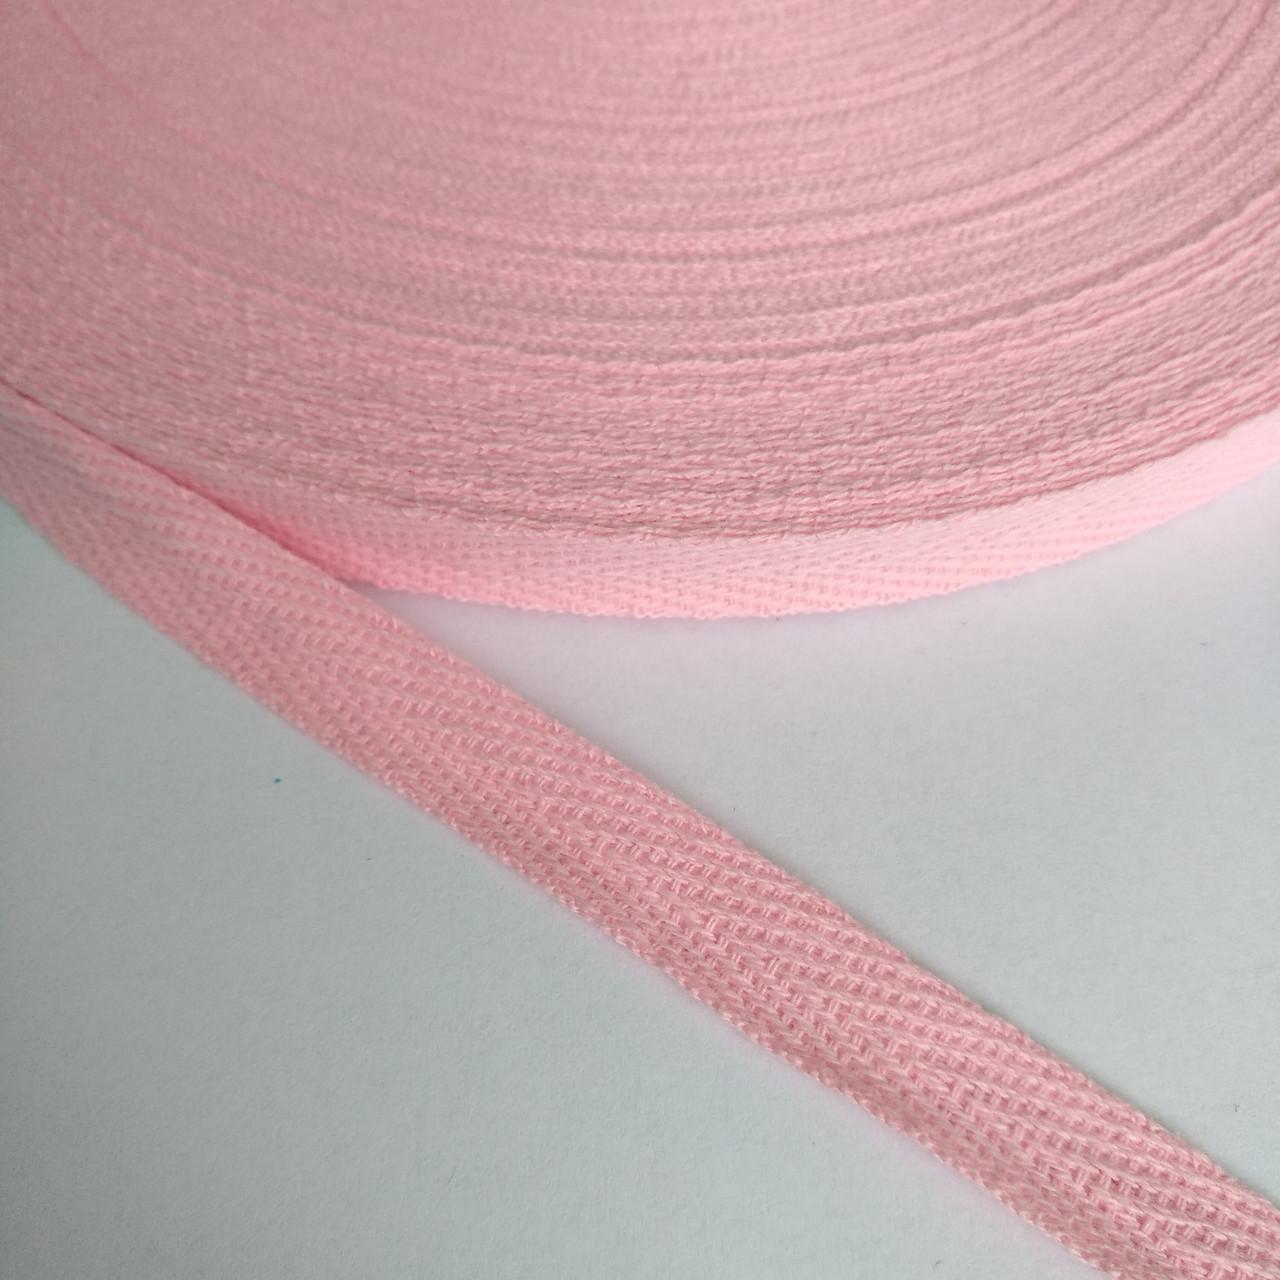 Киперная лента хб, 10 мм. розовая.